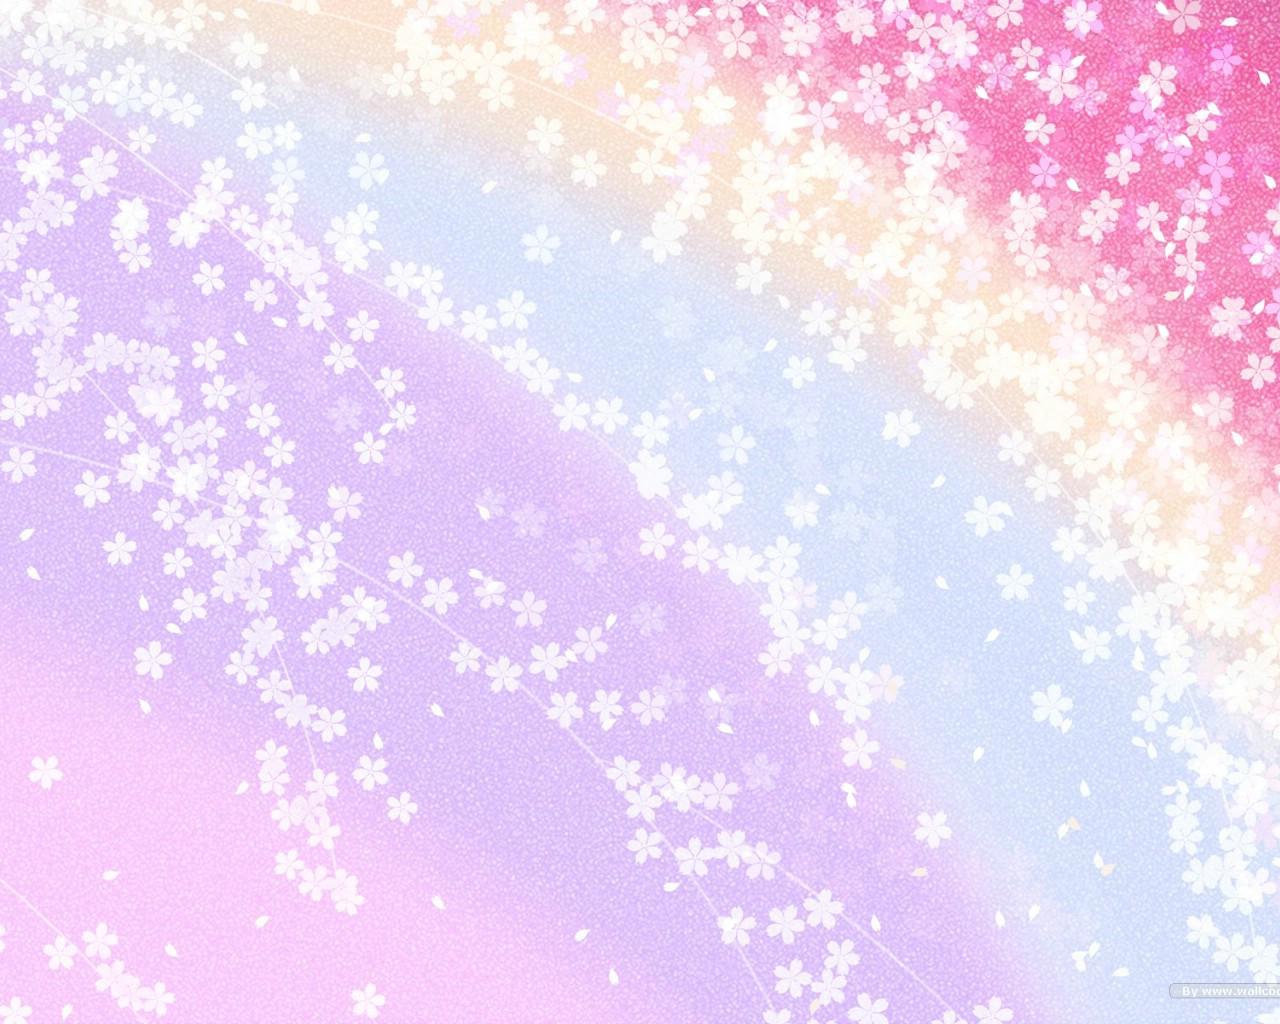 壁纸1280×1024日本风格色彩与